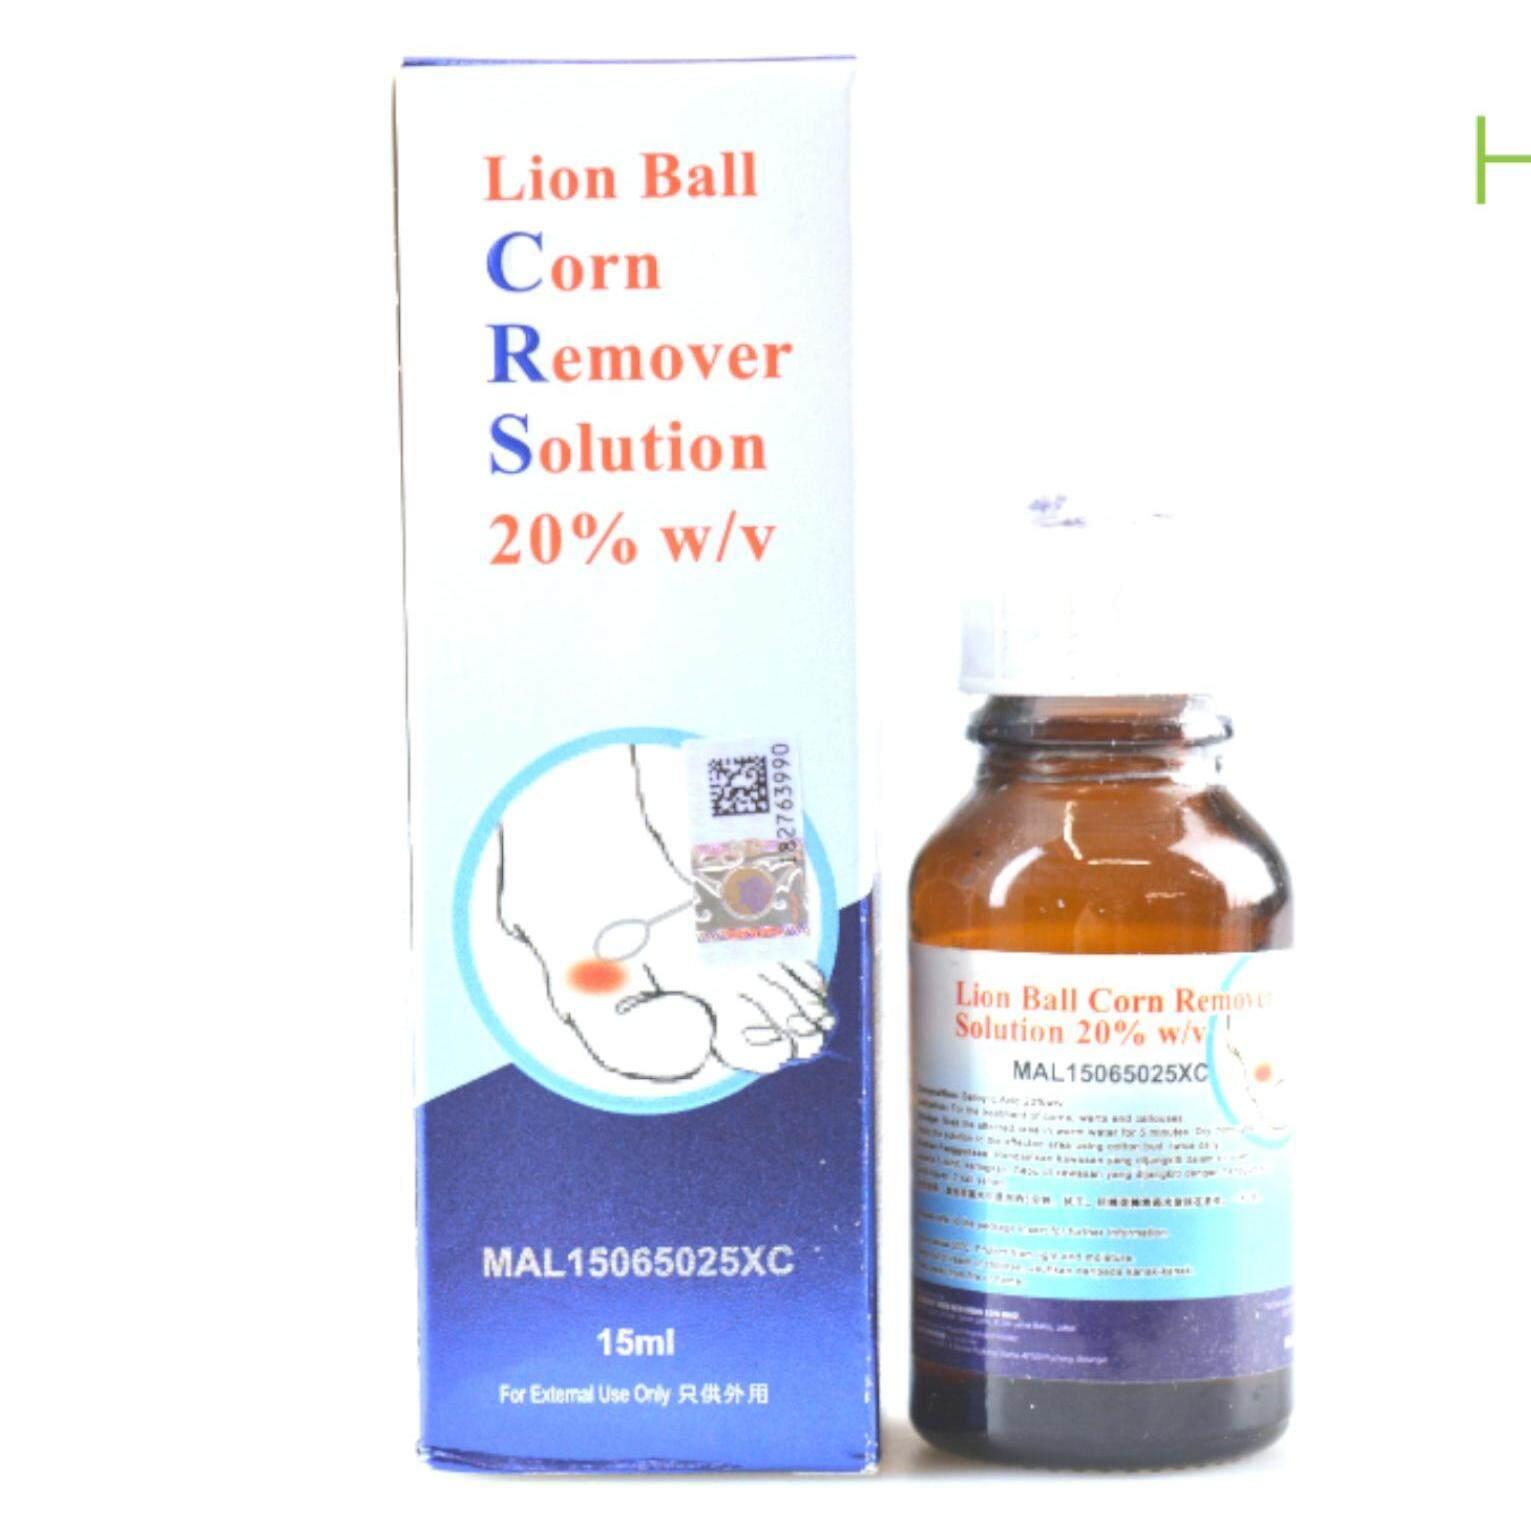 Lion Ball Corn Remover Solution 20% w/v  (Warts, Corns & Calluses) 15 ml